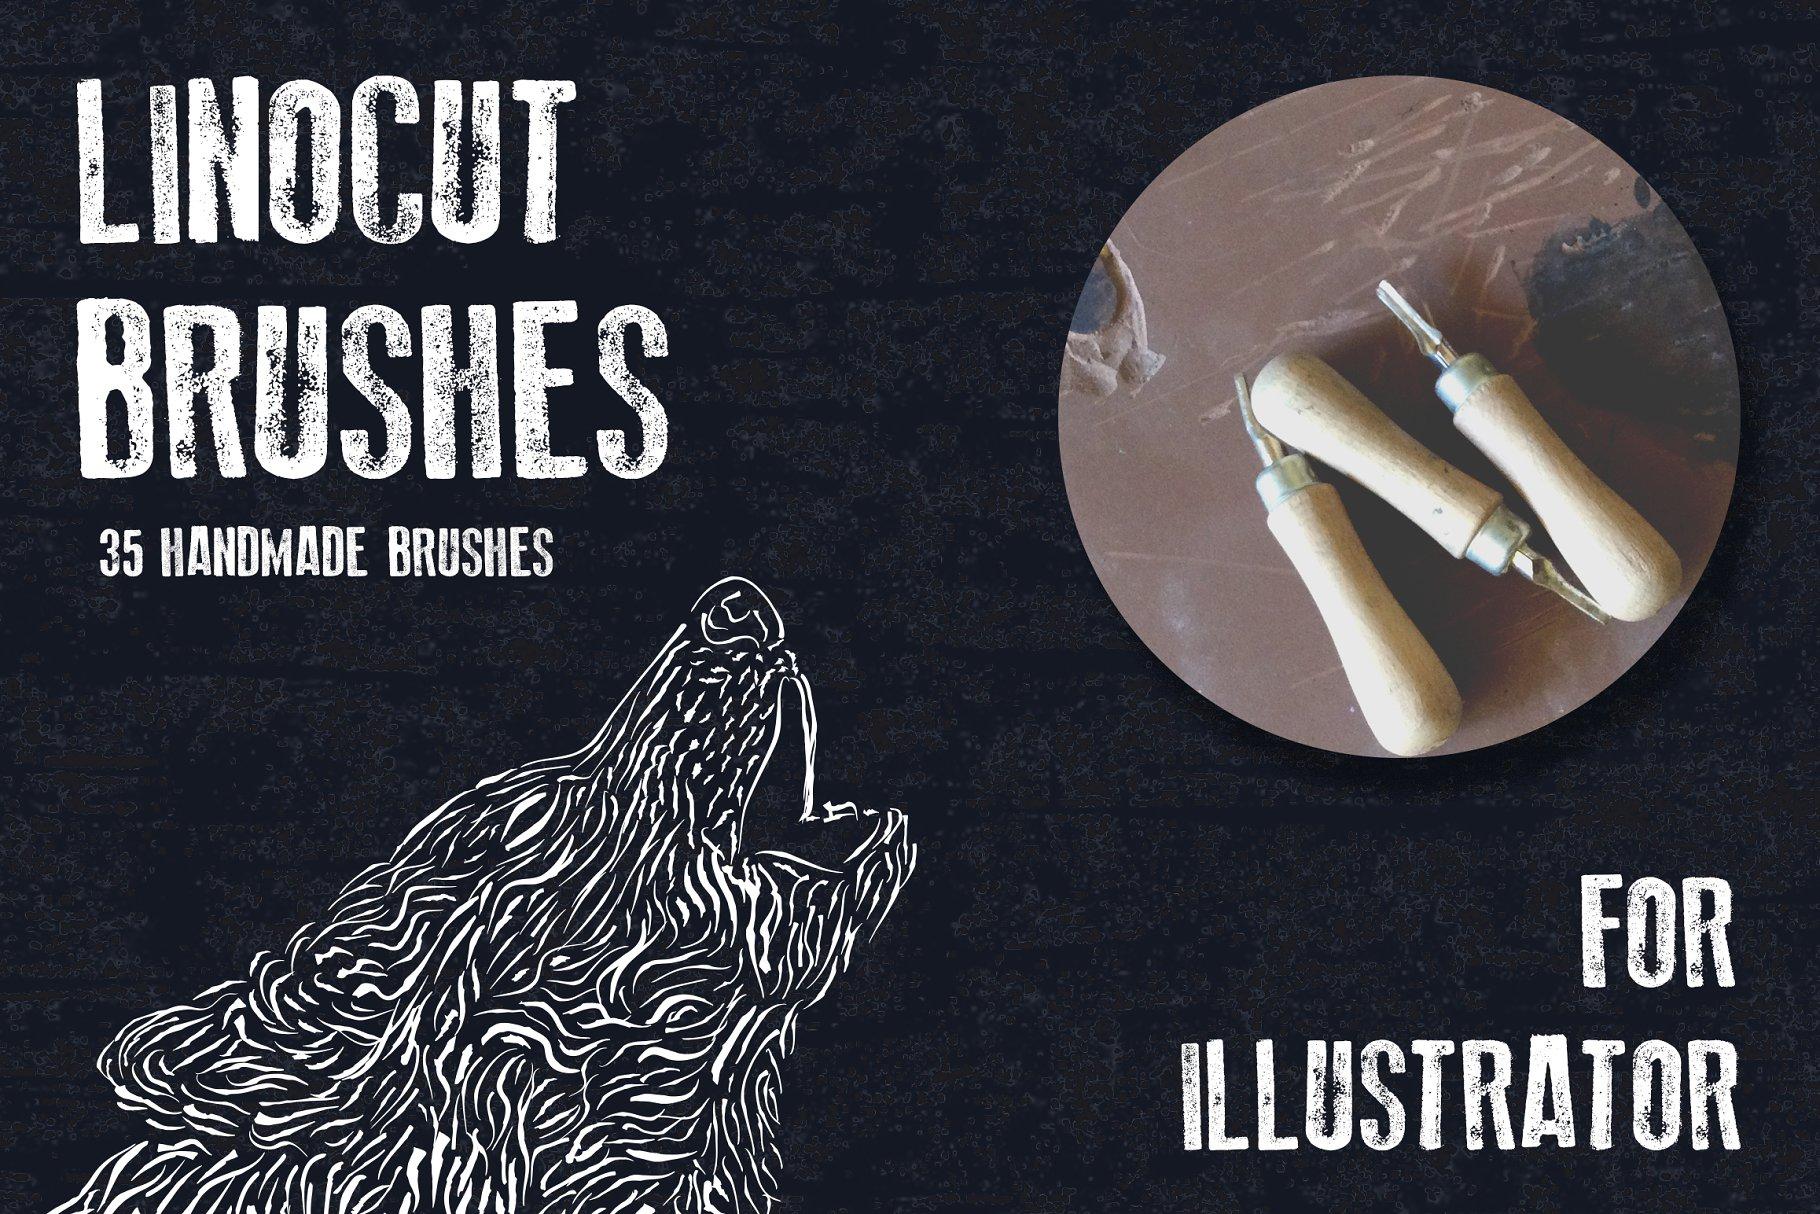 手绘笔刷特效 Hand-made linocut brushes设计素材模板